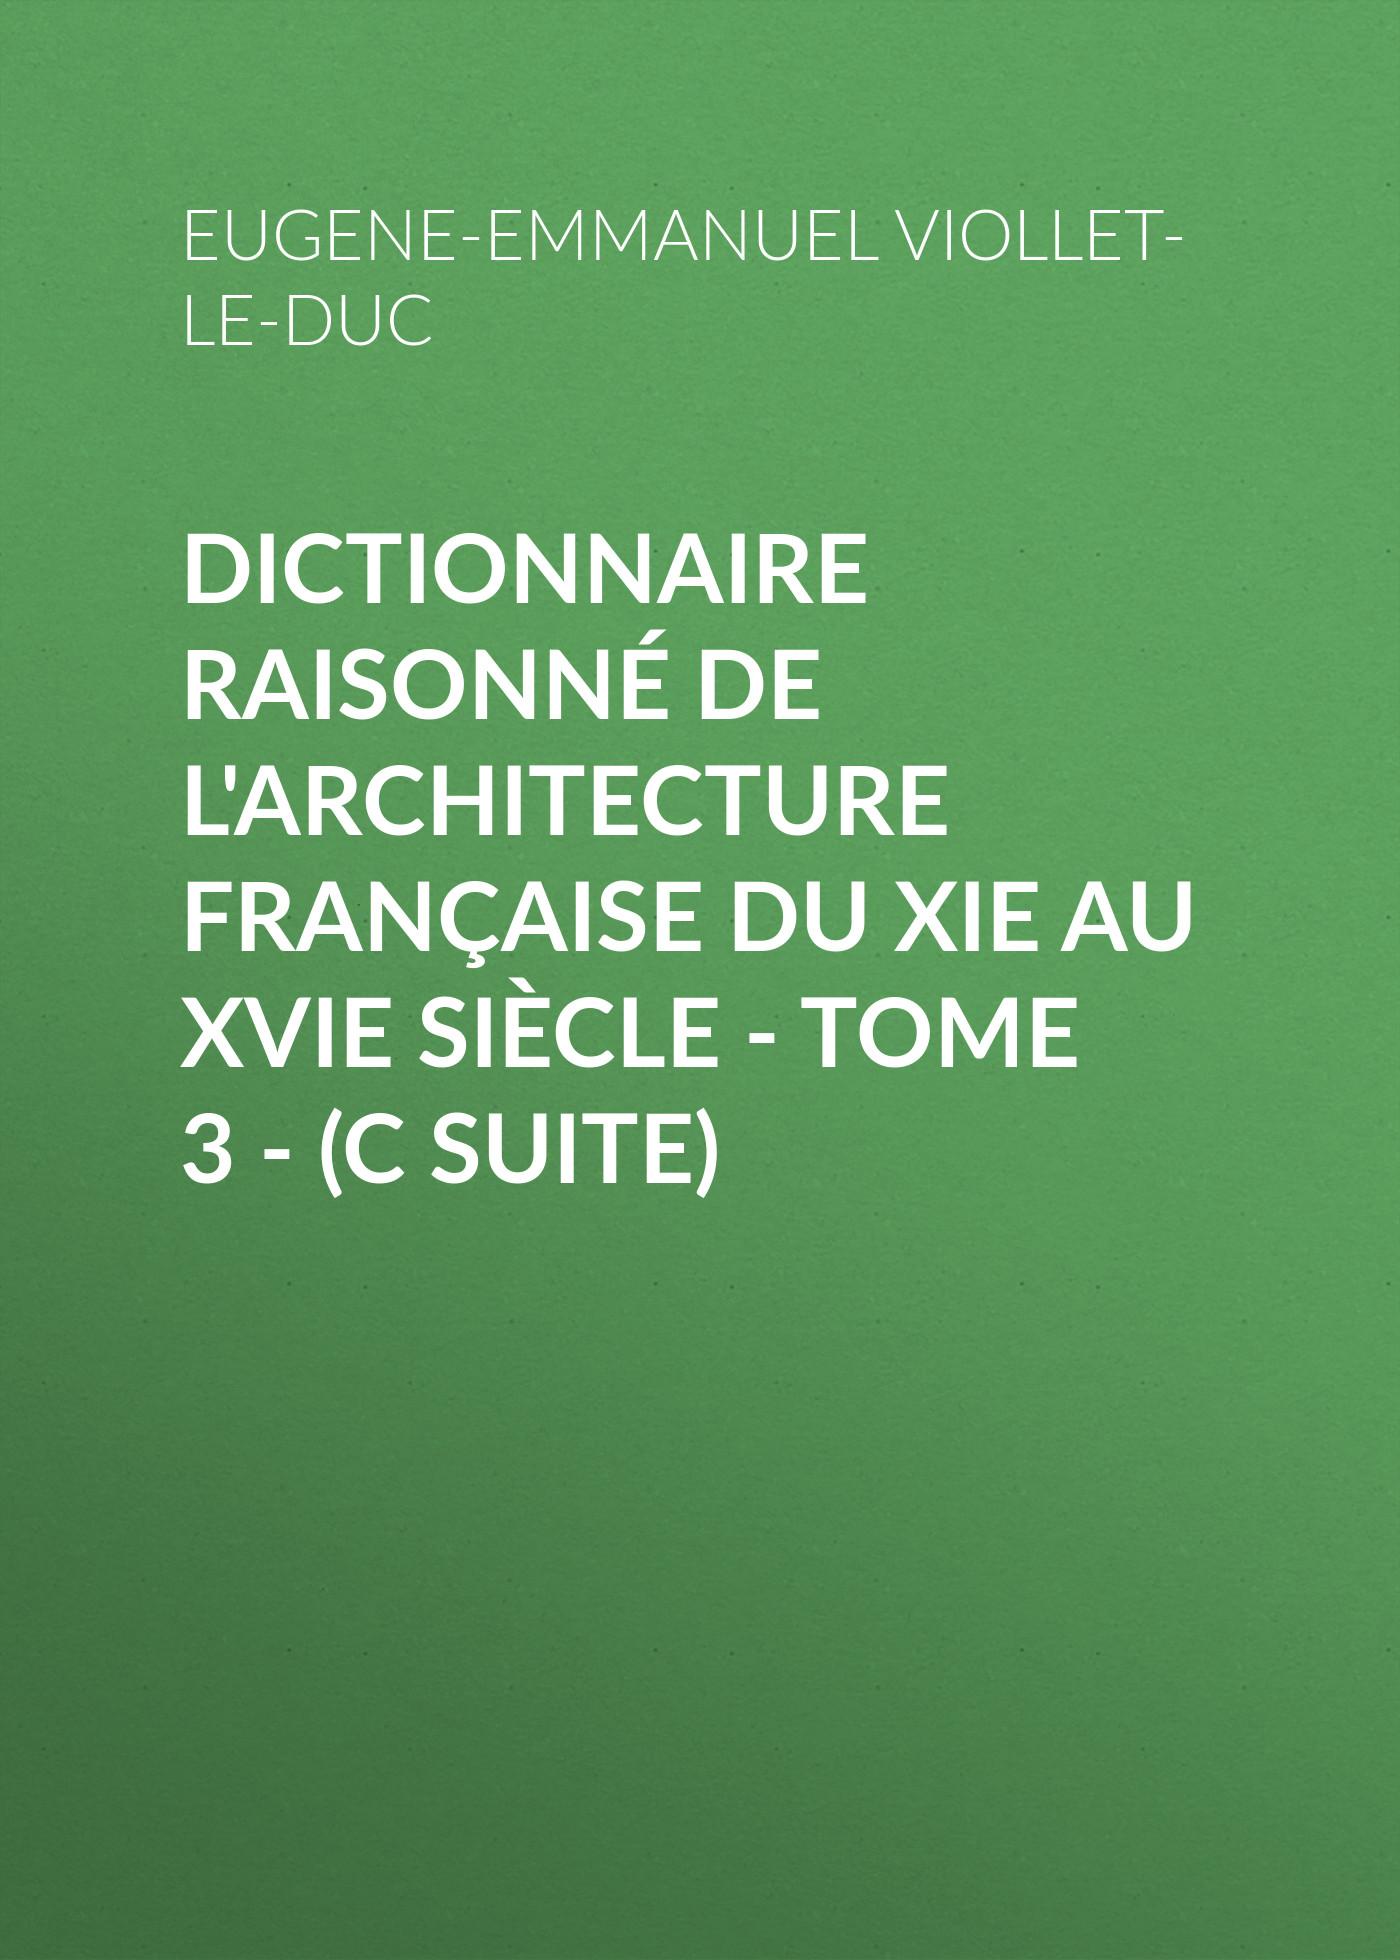 Eugene-Emmanuel Viollet-le-Duc Dictionnaire raisonné de l'architecture française du XIe au XVIe siècle - Tome 3 - (C suite) eugène emmanuel viollet le duc la cite de carcassonne aude french edition